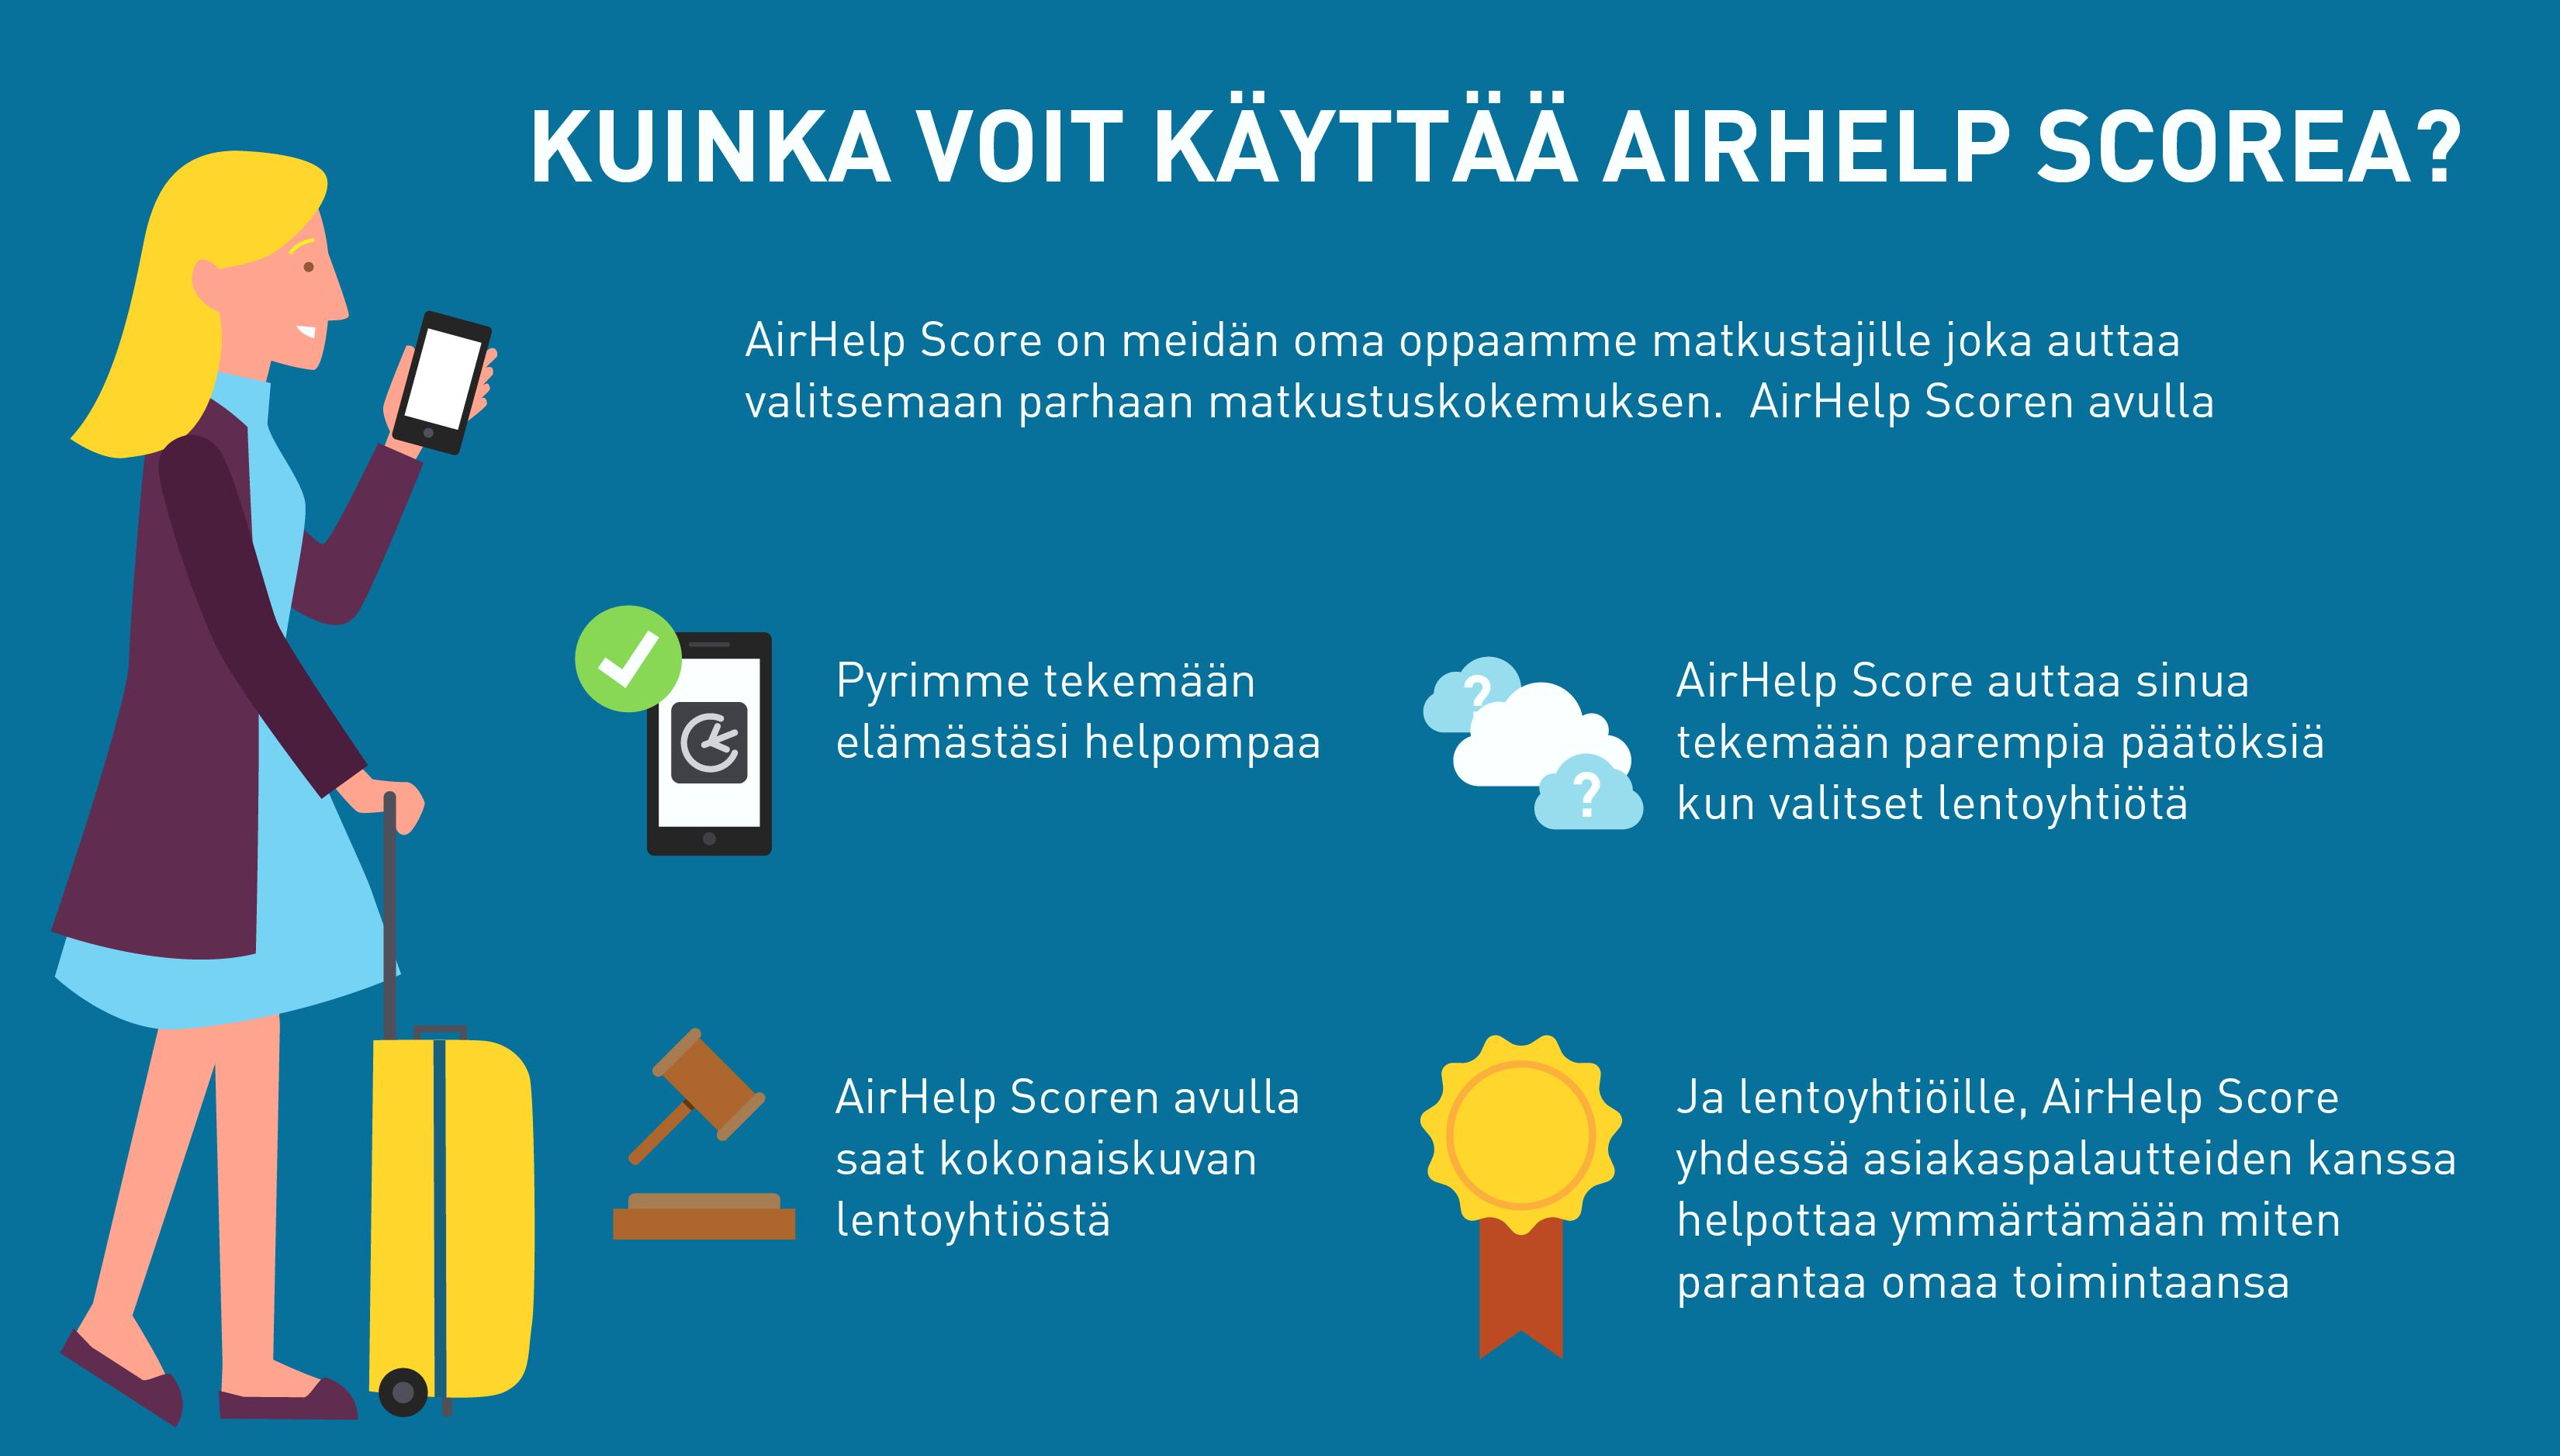 Kuinka voin Käyttää AirHelp Scorea seuraavan kerran kun varaan matkaa